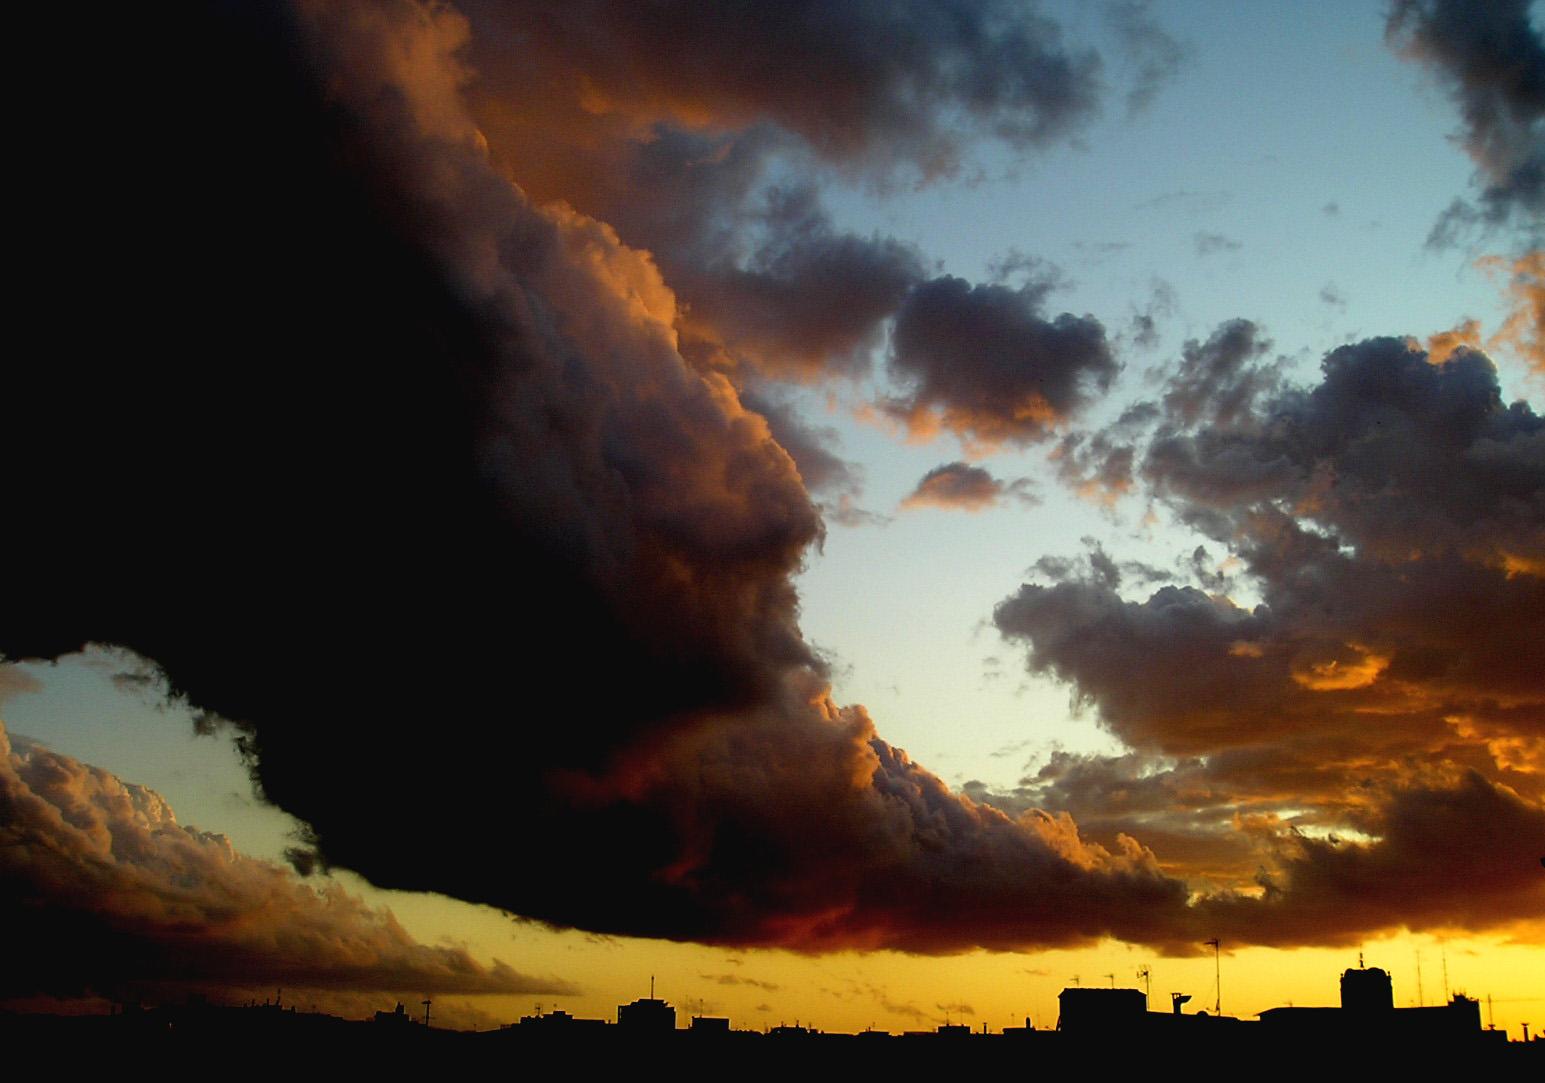 Mollet 23 d'Octubre de 2008, Després de la tempesta de finals d'estiu ...